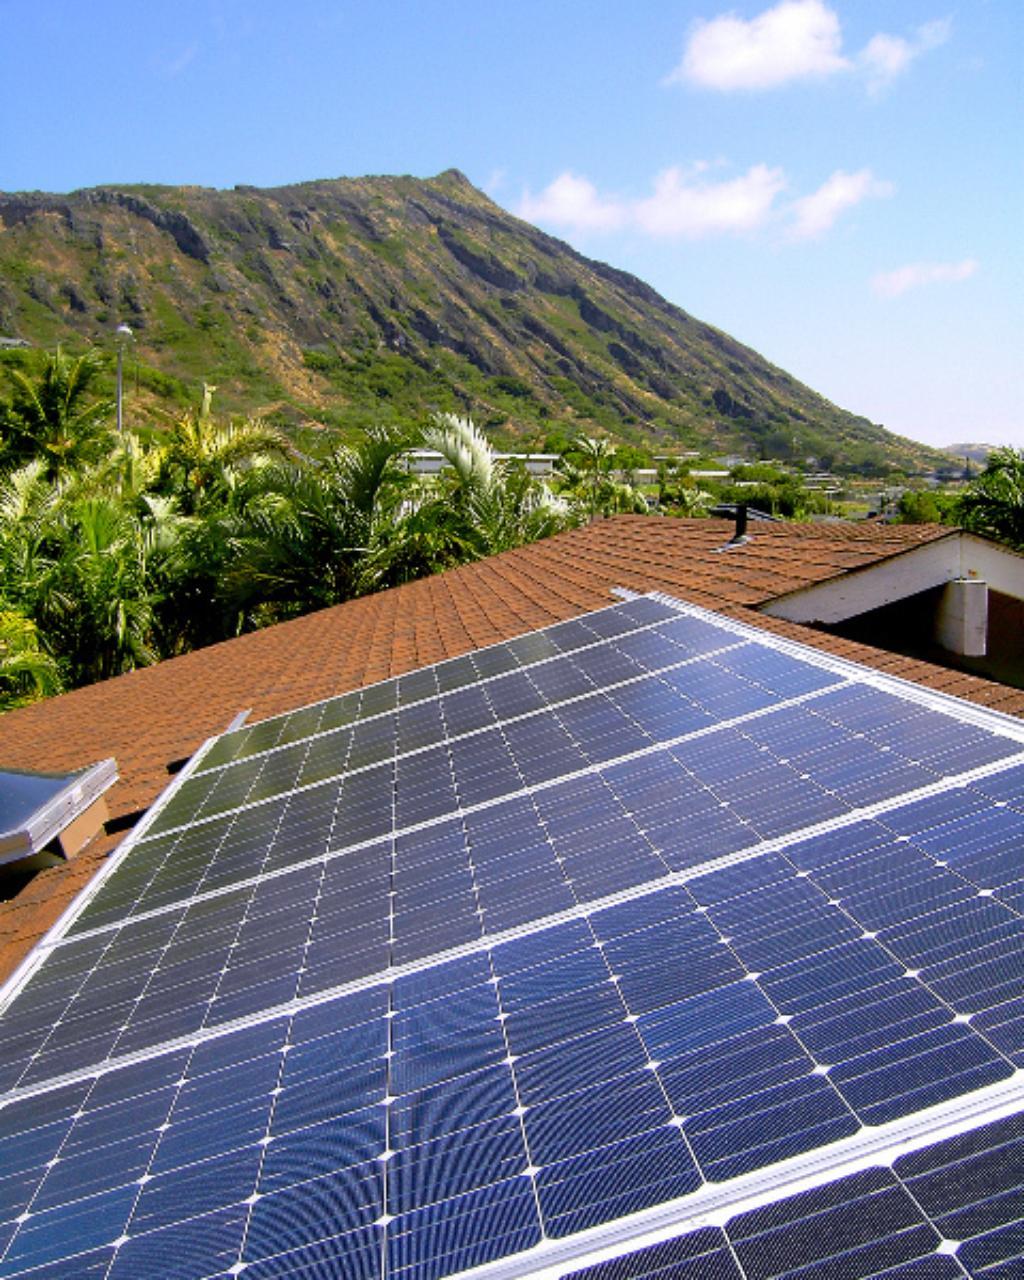 Oahu's Solar Feeding Frenzy